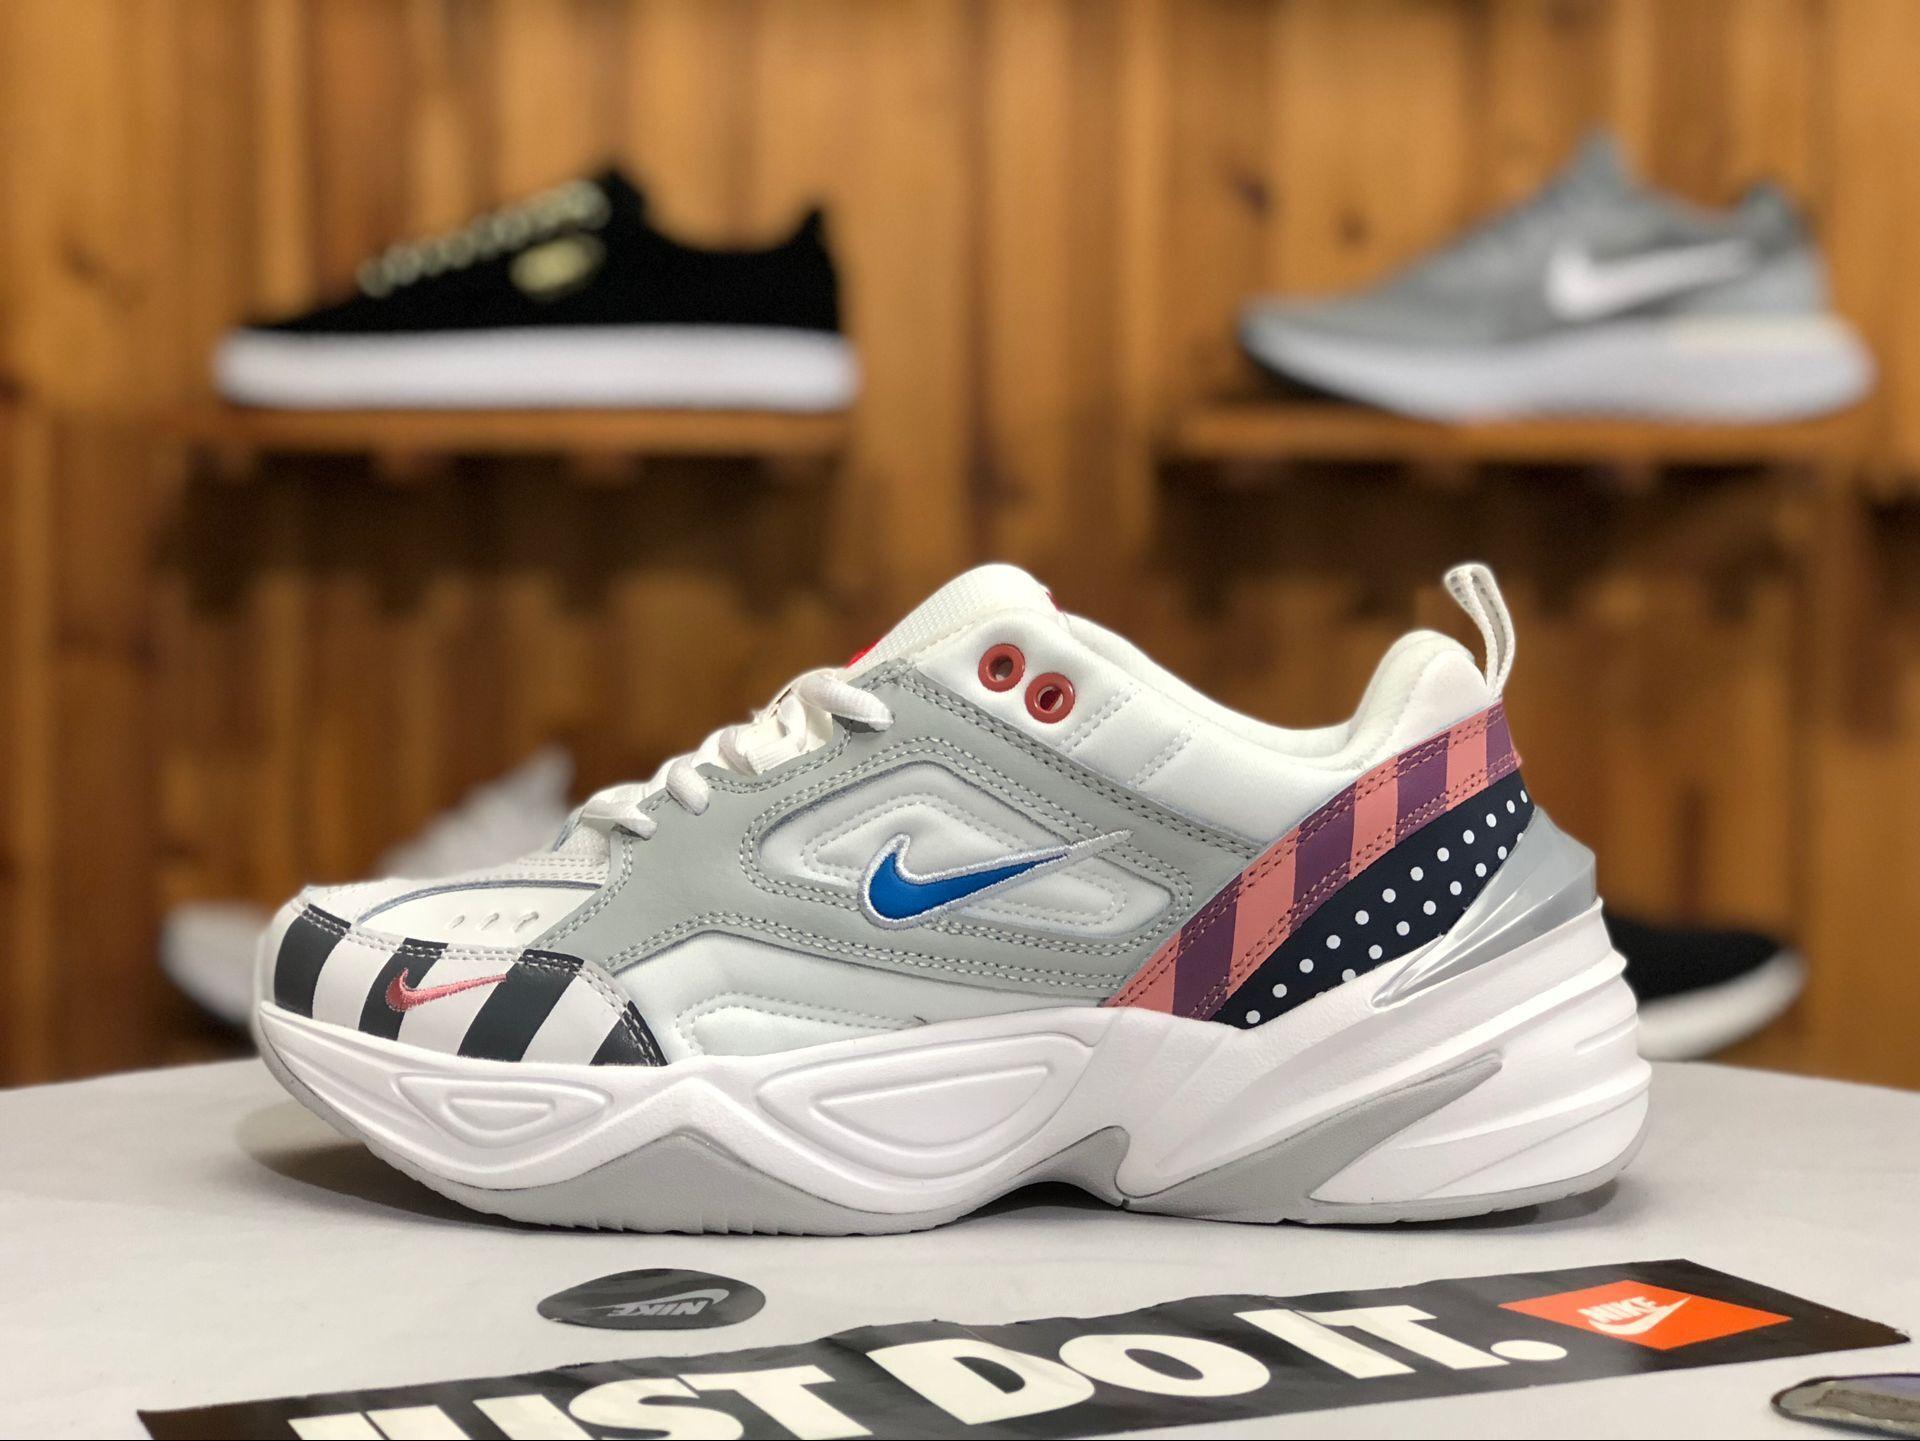 new style 9c105 8e2dc Buy Mens Womens Nike M2K Tekno Parra White Multi-Color